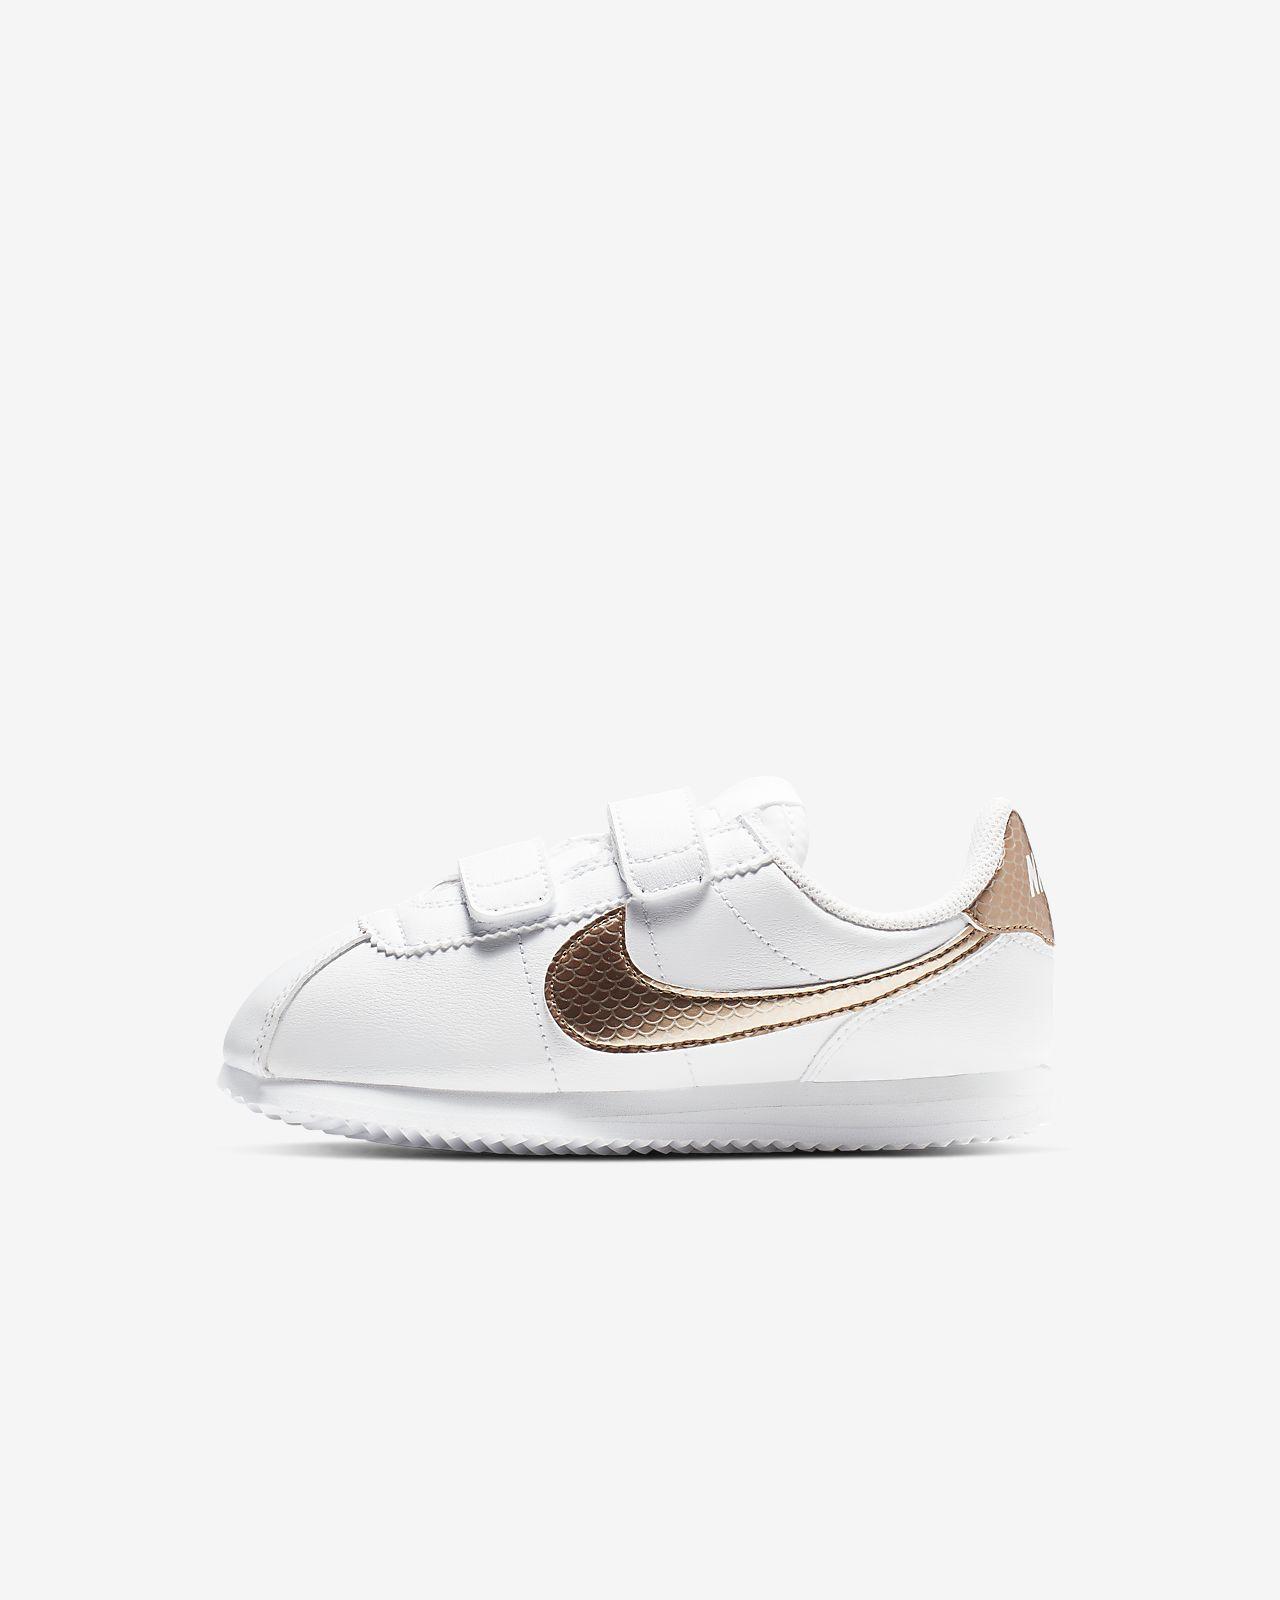 Nike Cortez Basic SL EP 小童鞋款